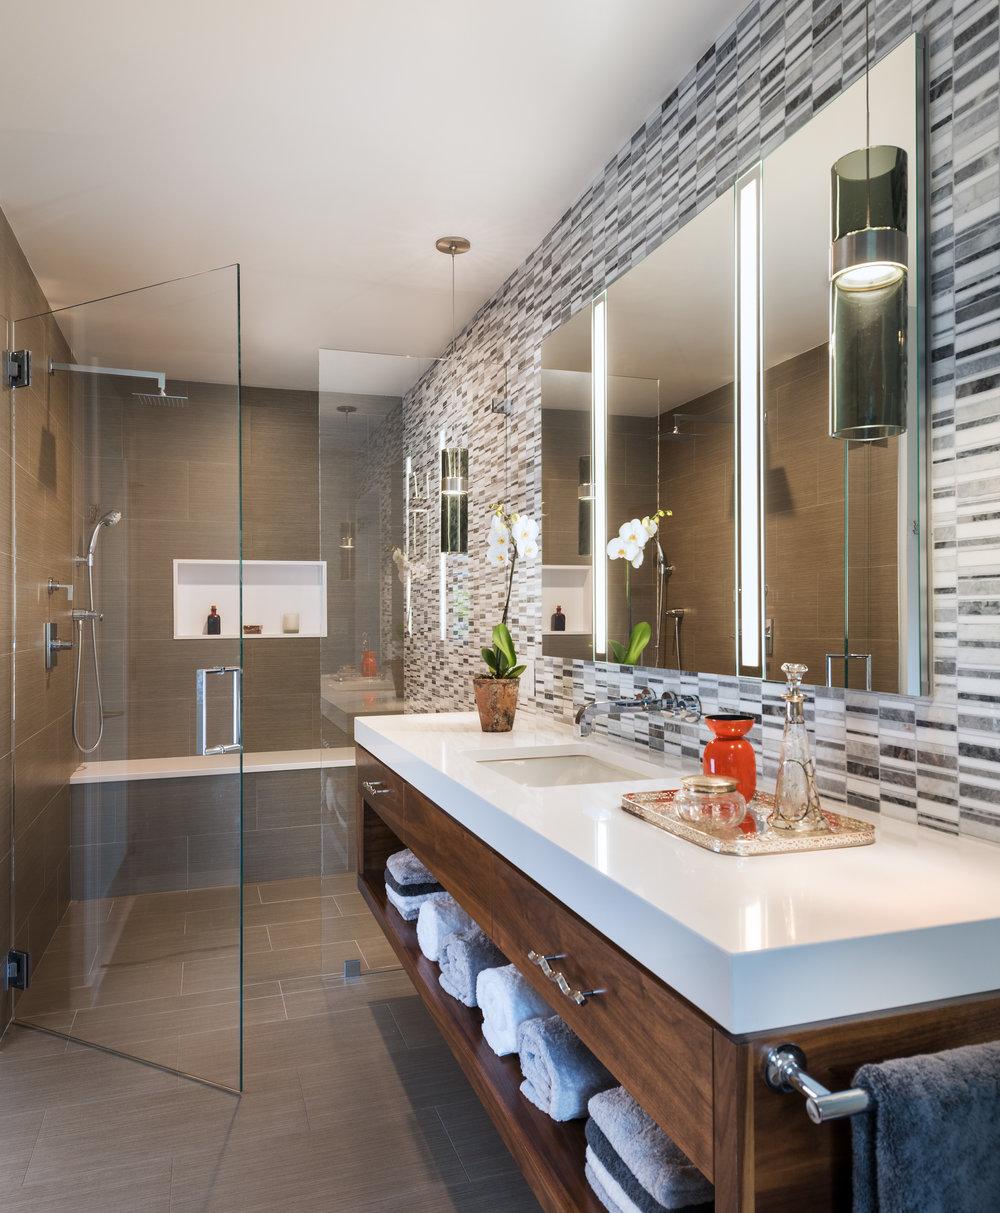 2-bath-towels.jpeg